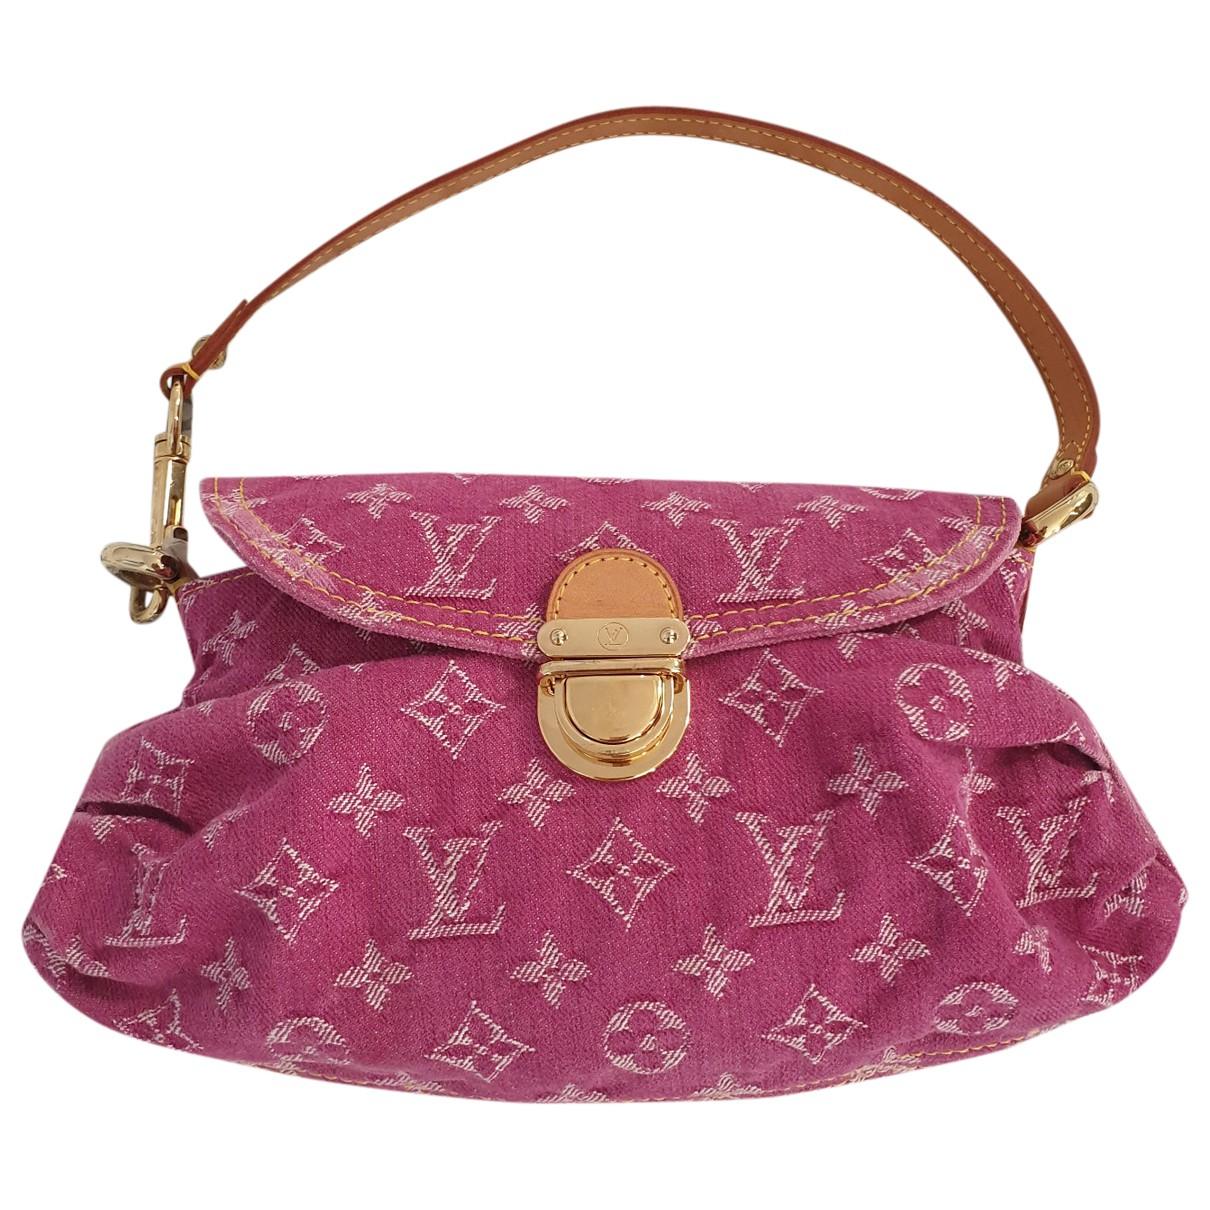 Louis Vuitton - Sac a main Pleaty pour femme en denim - rose